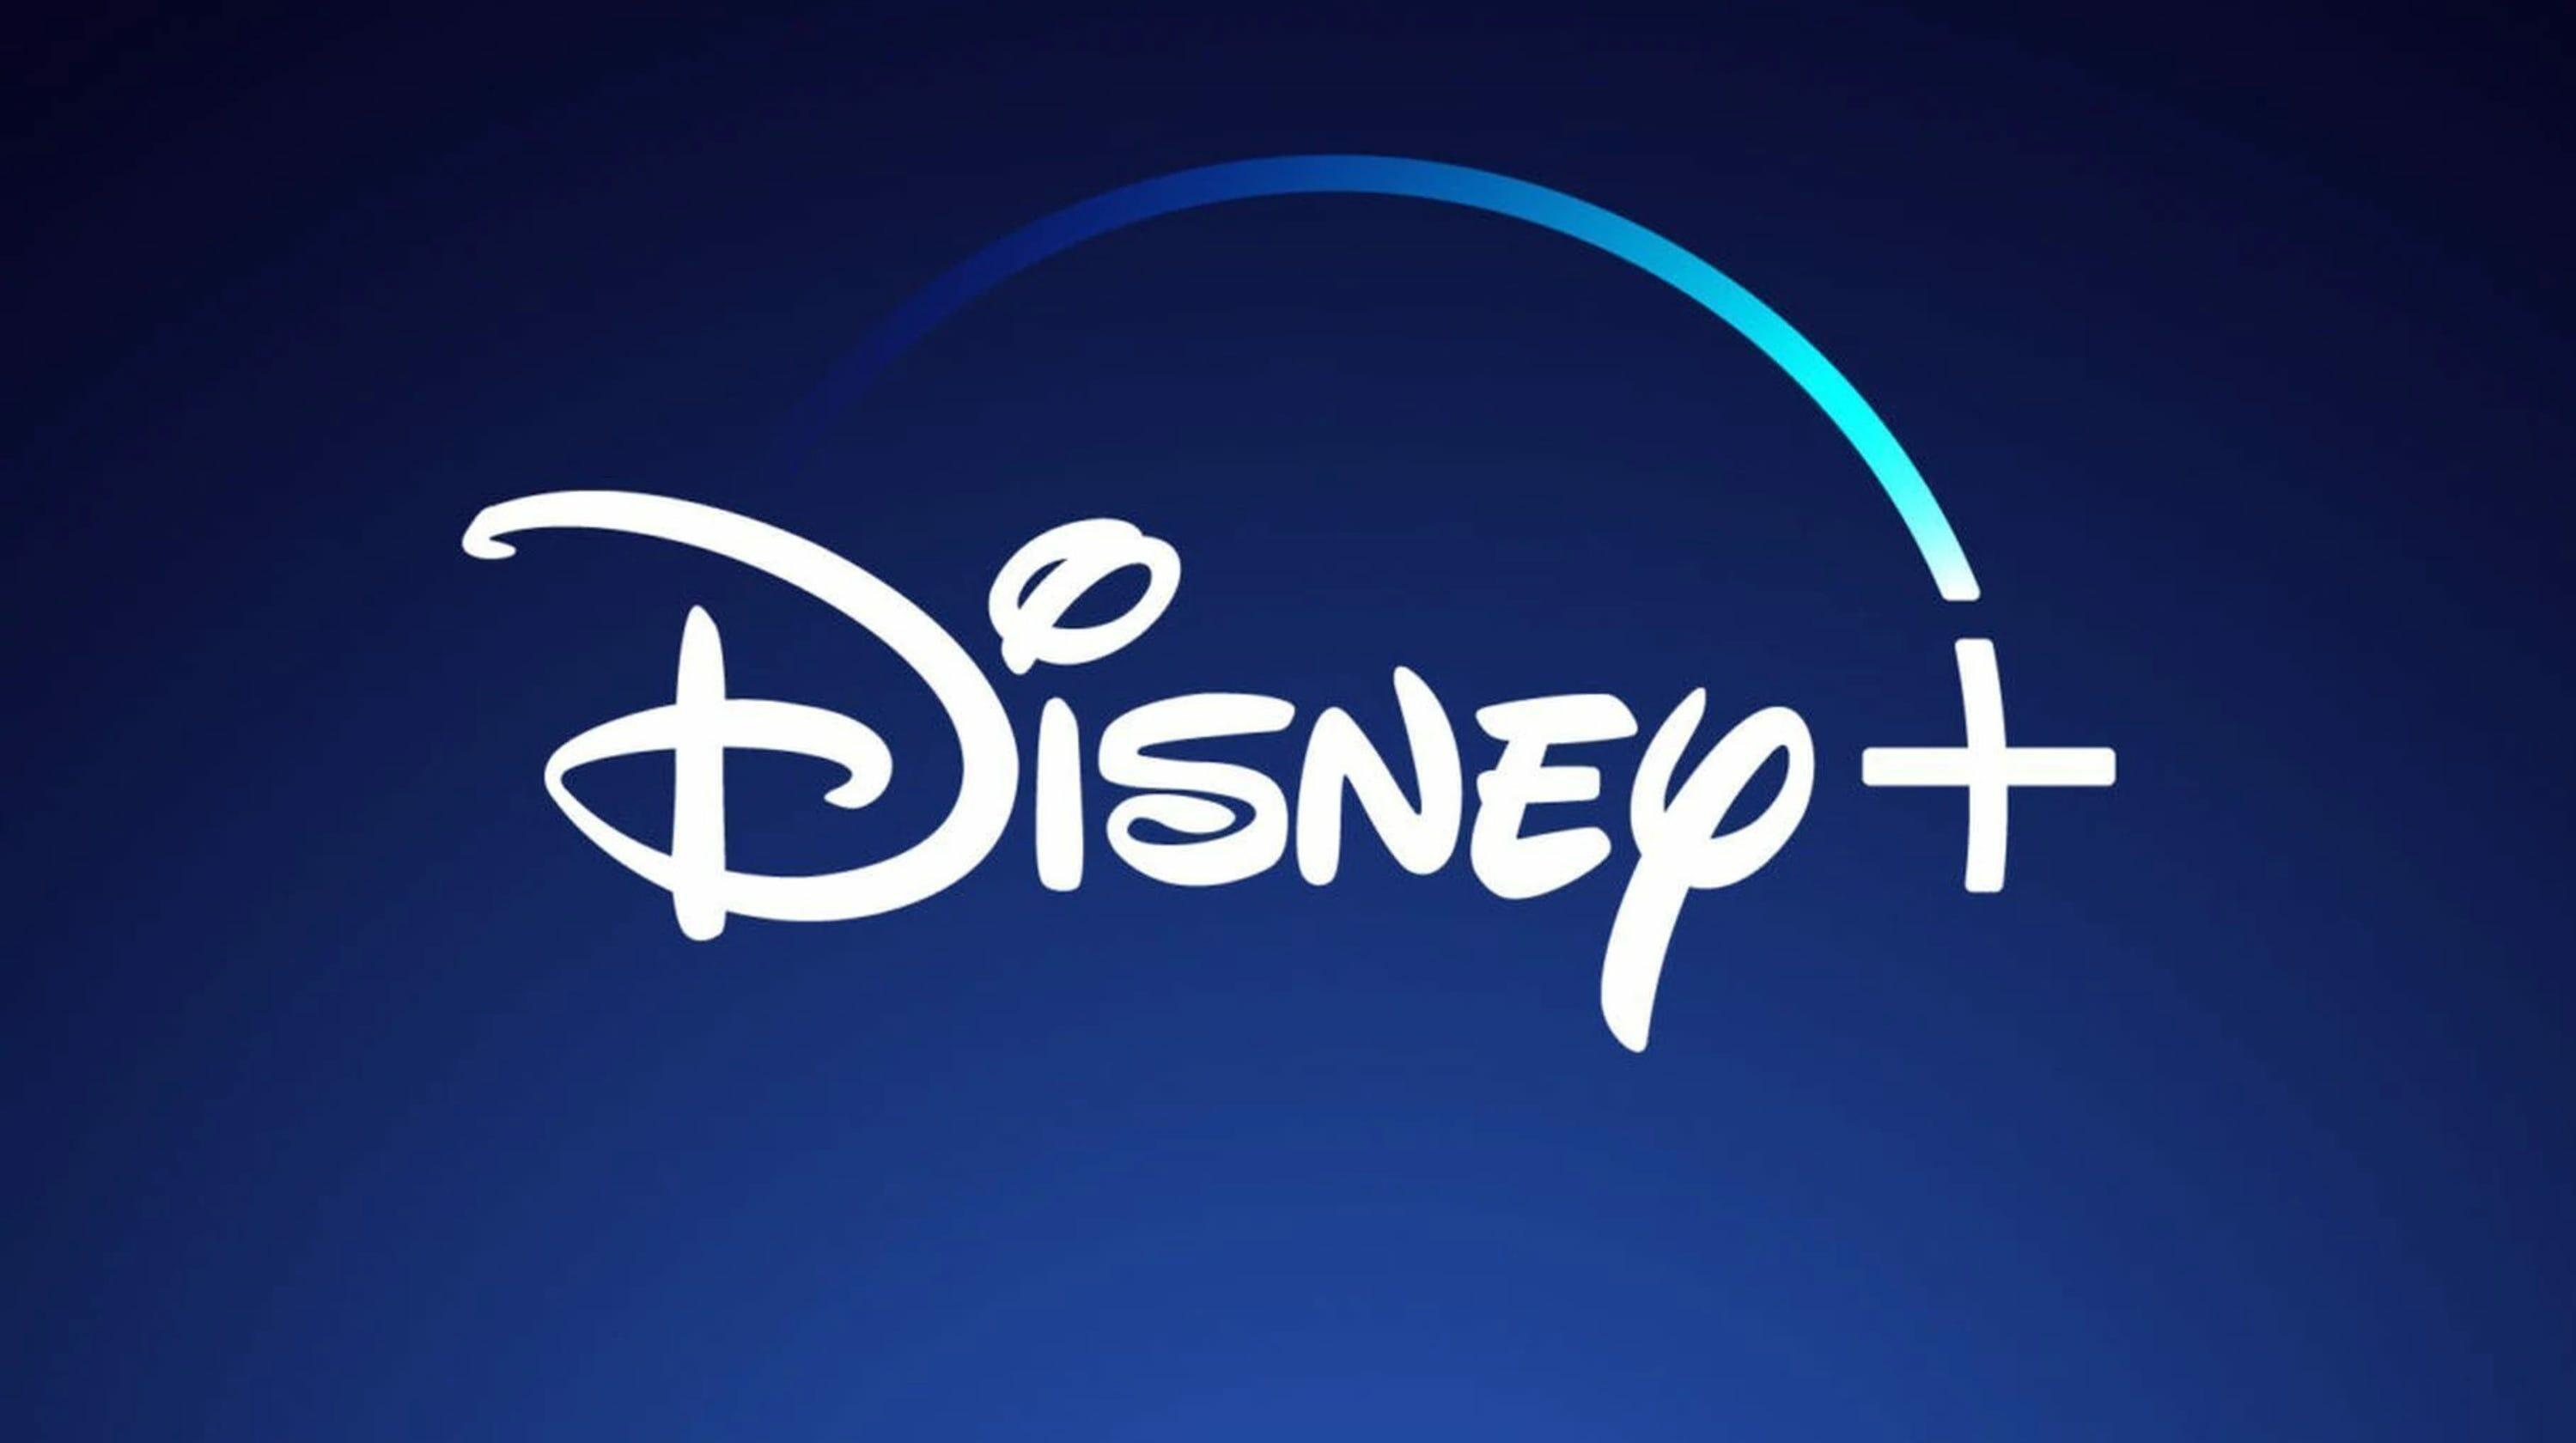 Strenger als Netflix: Disney+ will Passwortteilen unmöglich machen